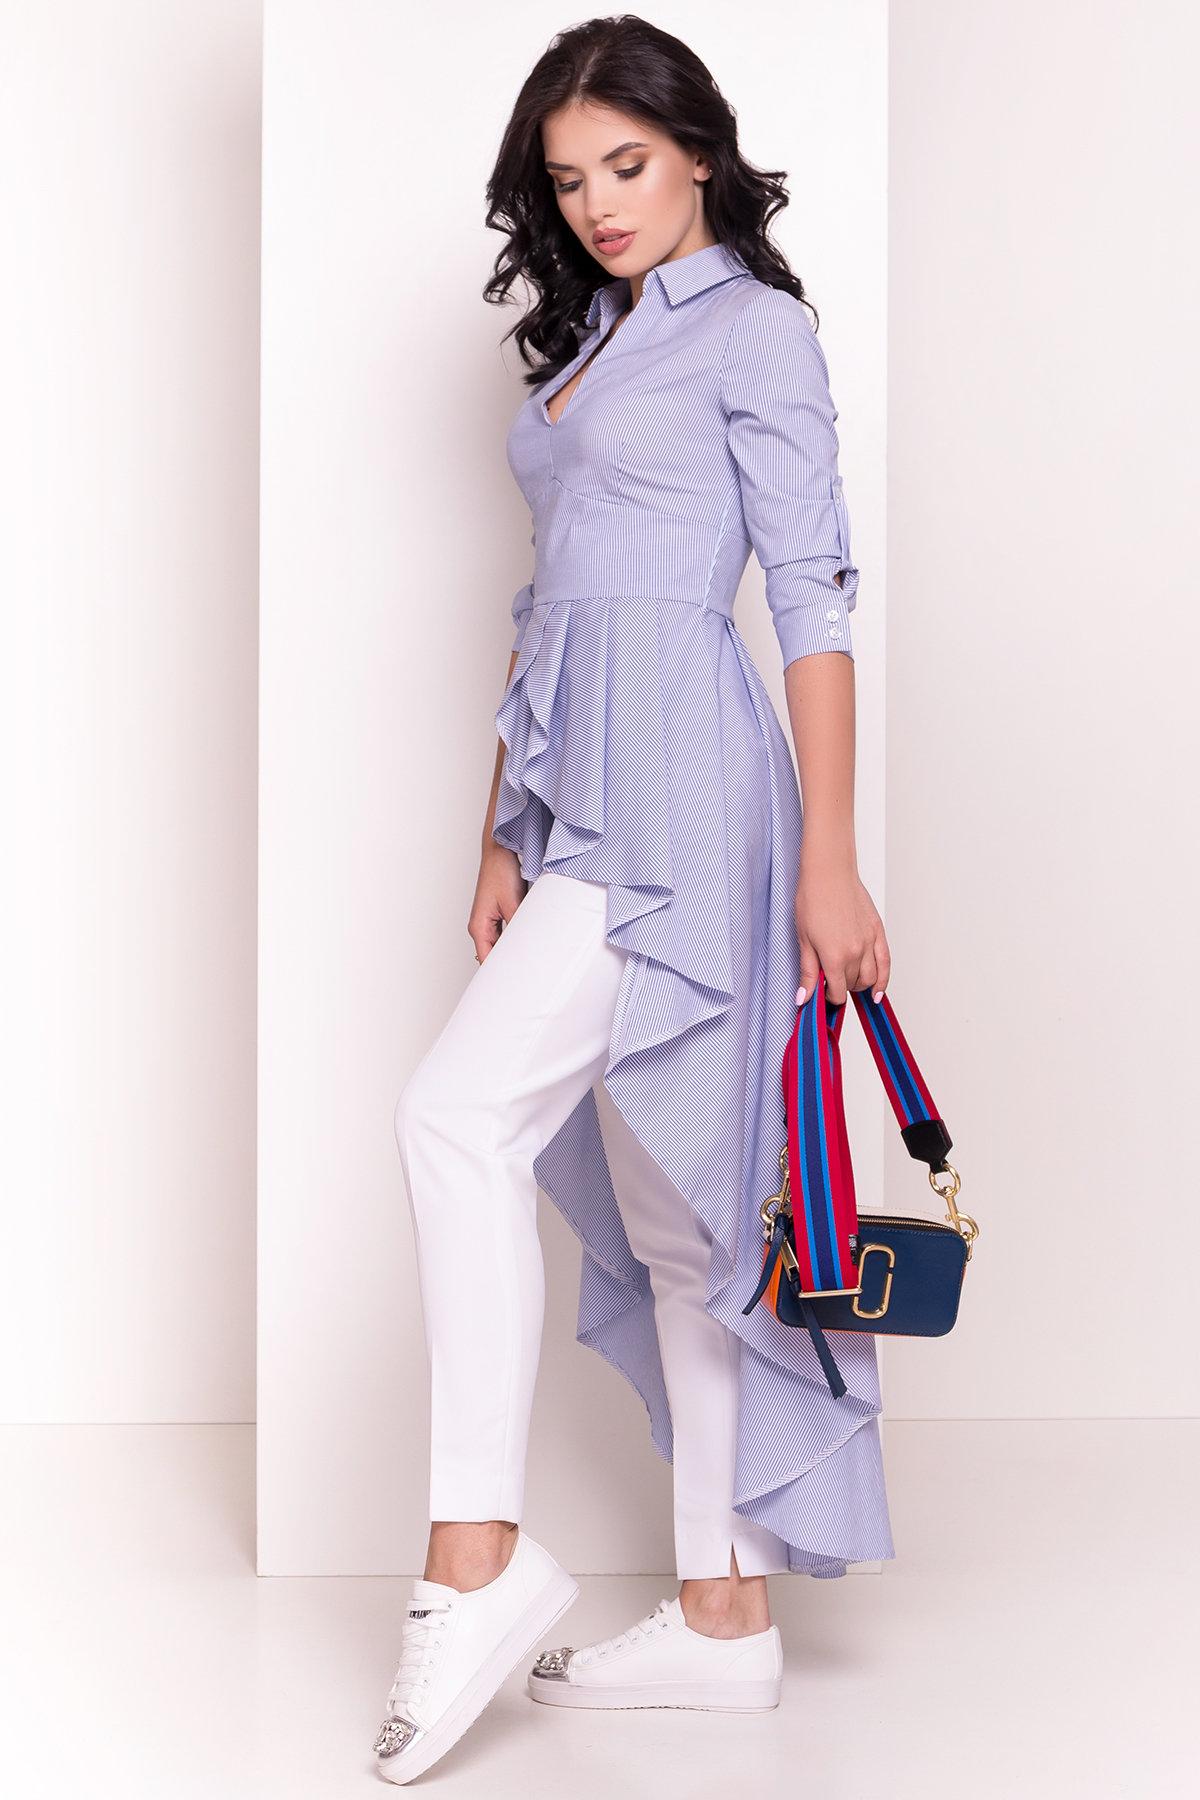 Платье-туника Феникс 5078 АРТ. 35630 Цвет: Темно-синий/белый - фото 2, интернет магазин tm-modus.ru